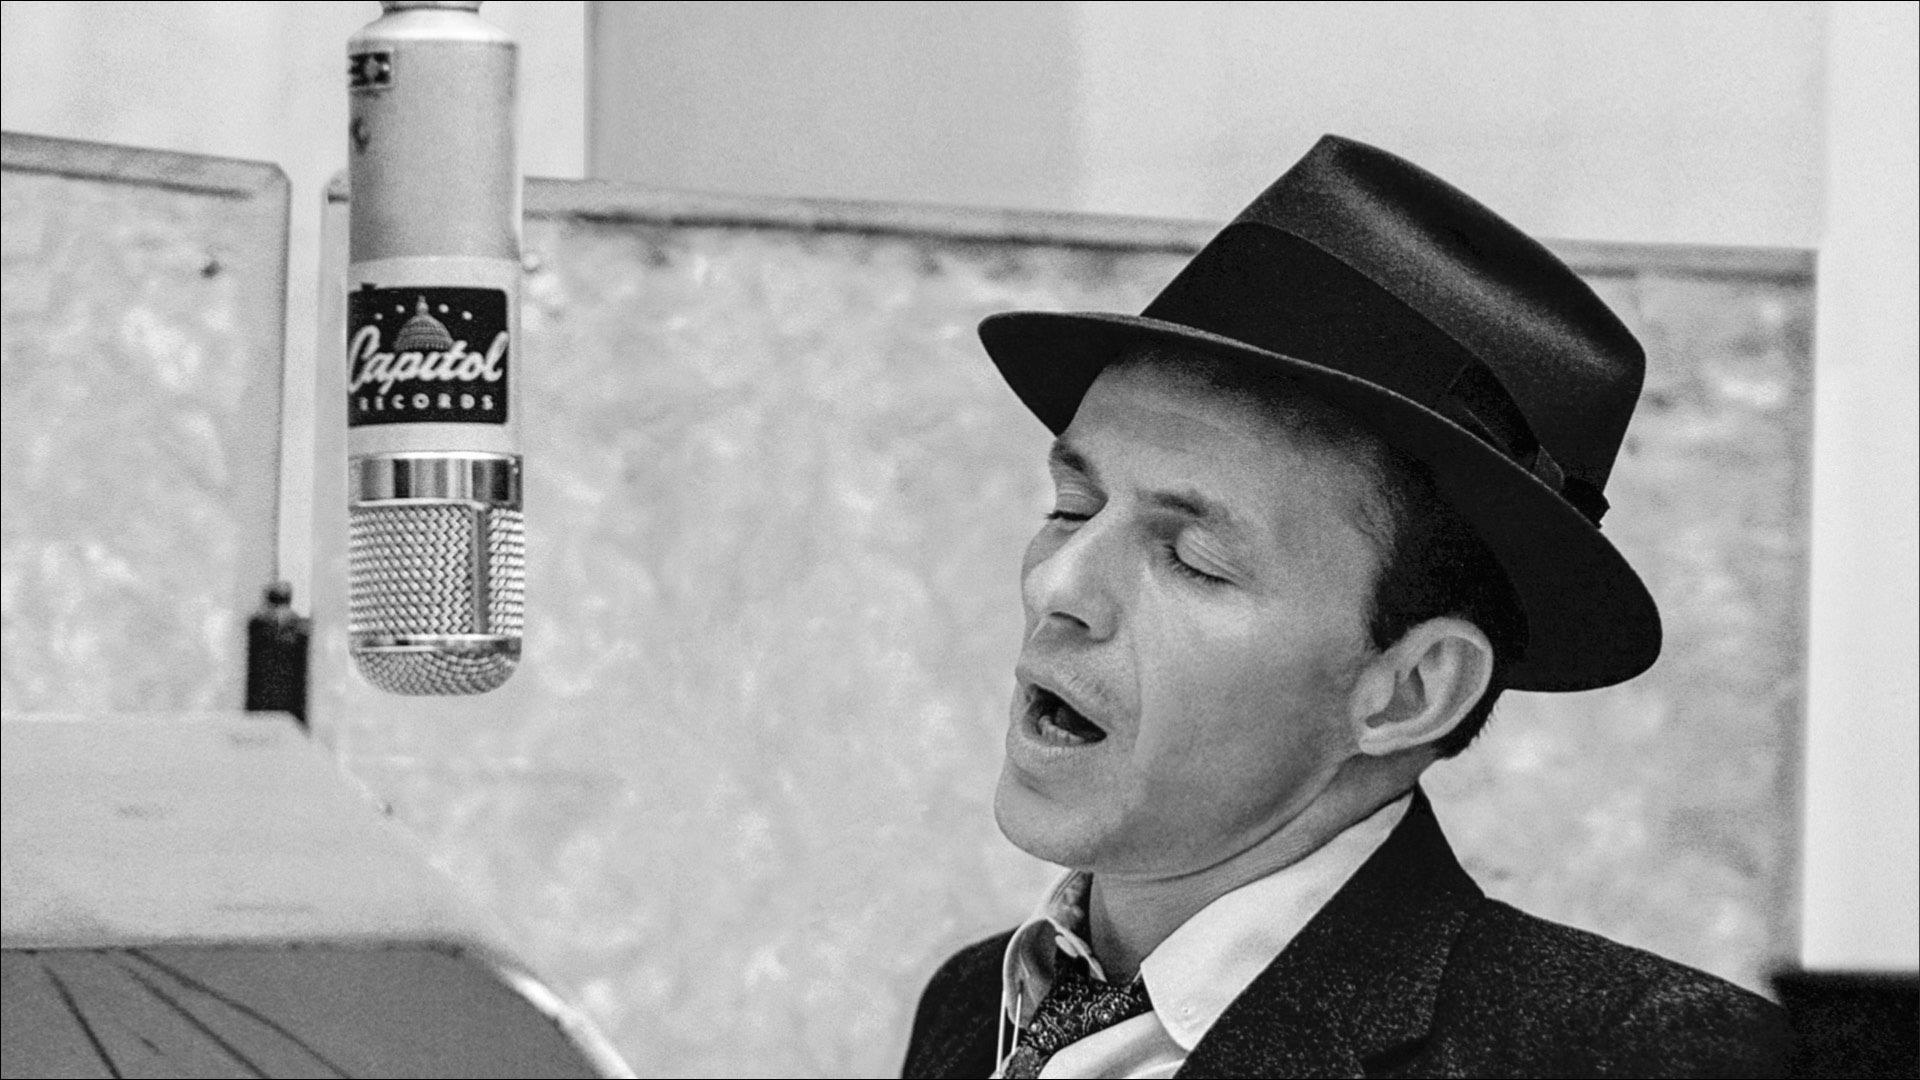 Caption: Frank Sinatra